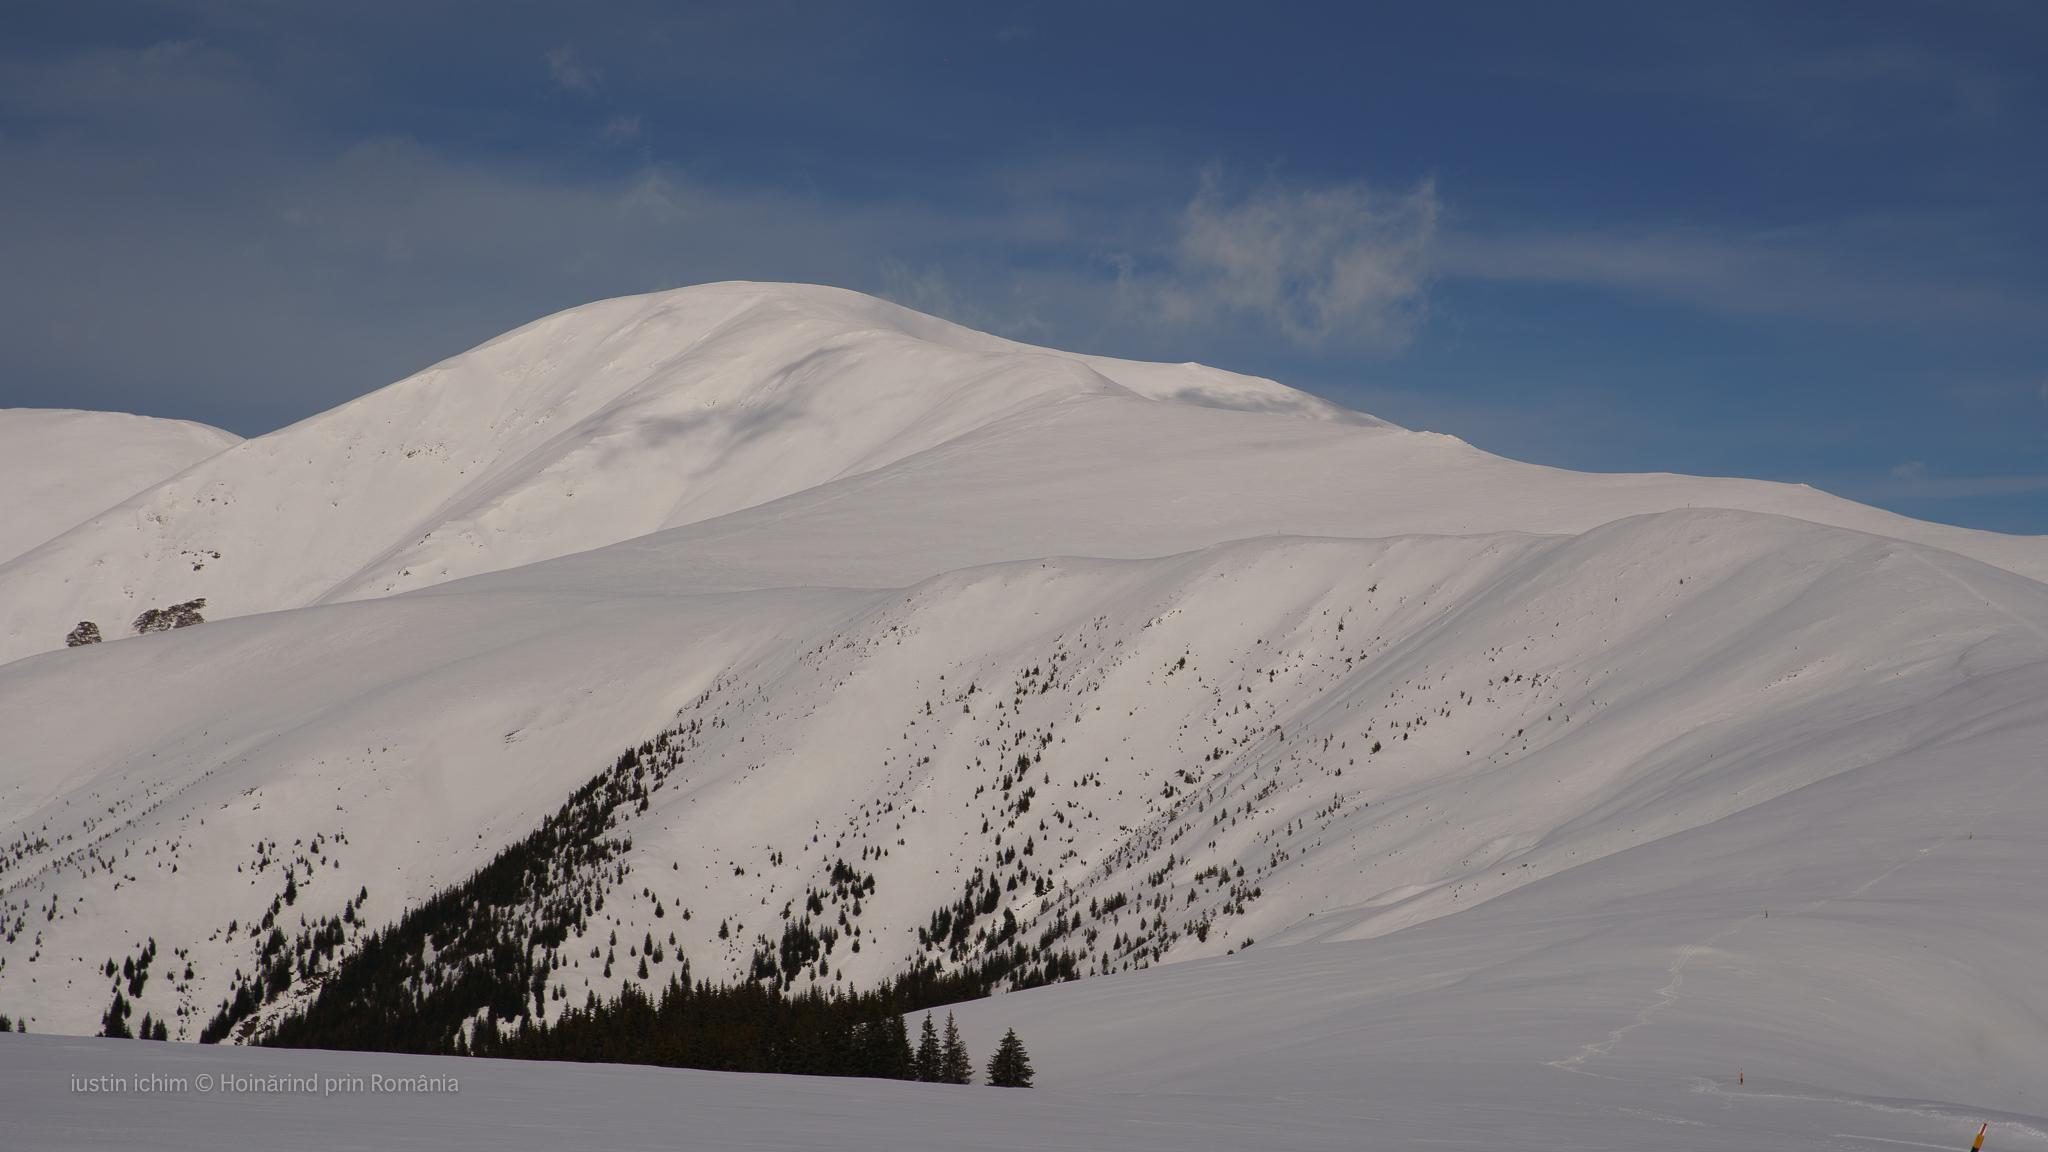 Vf. Păpușa (2391 m) Munții Iezer Păpușa